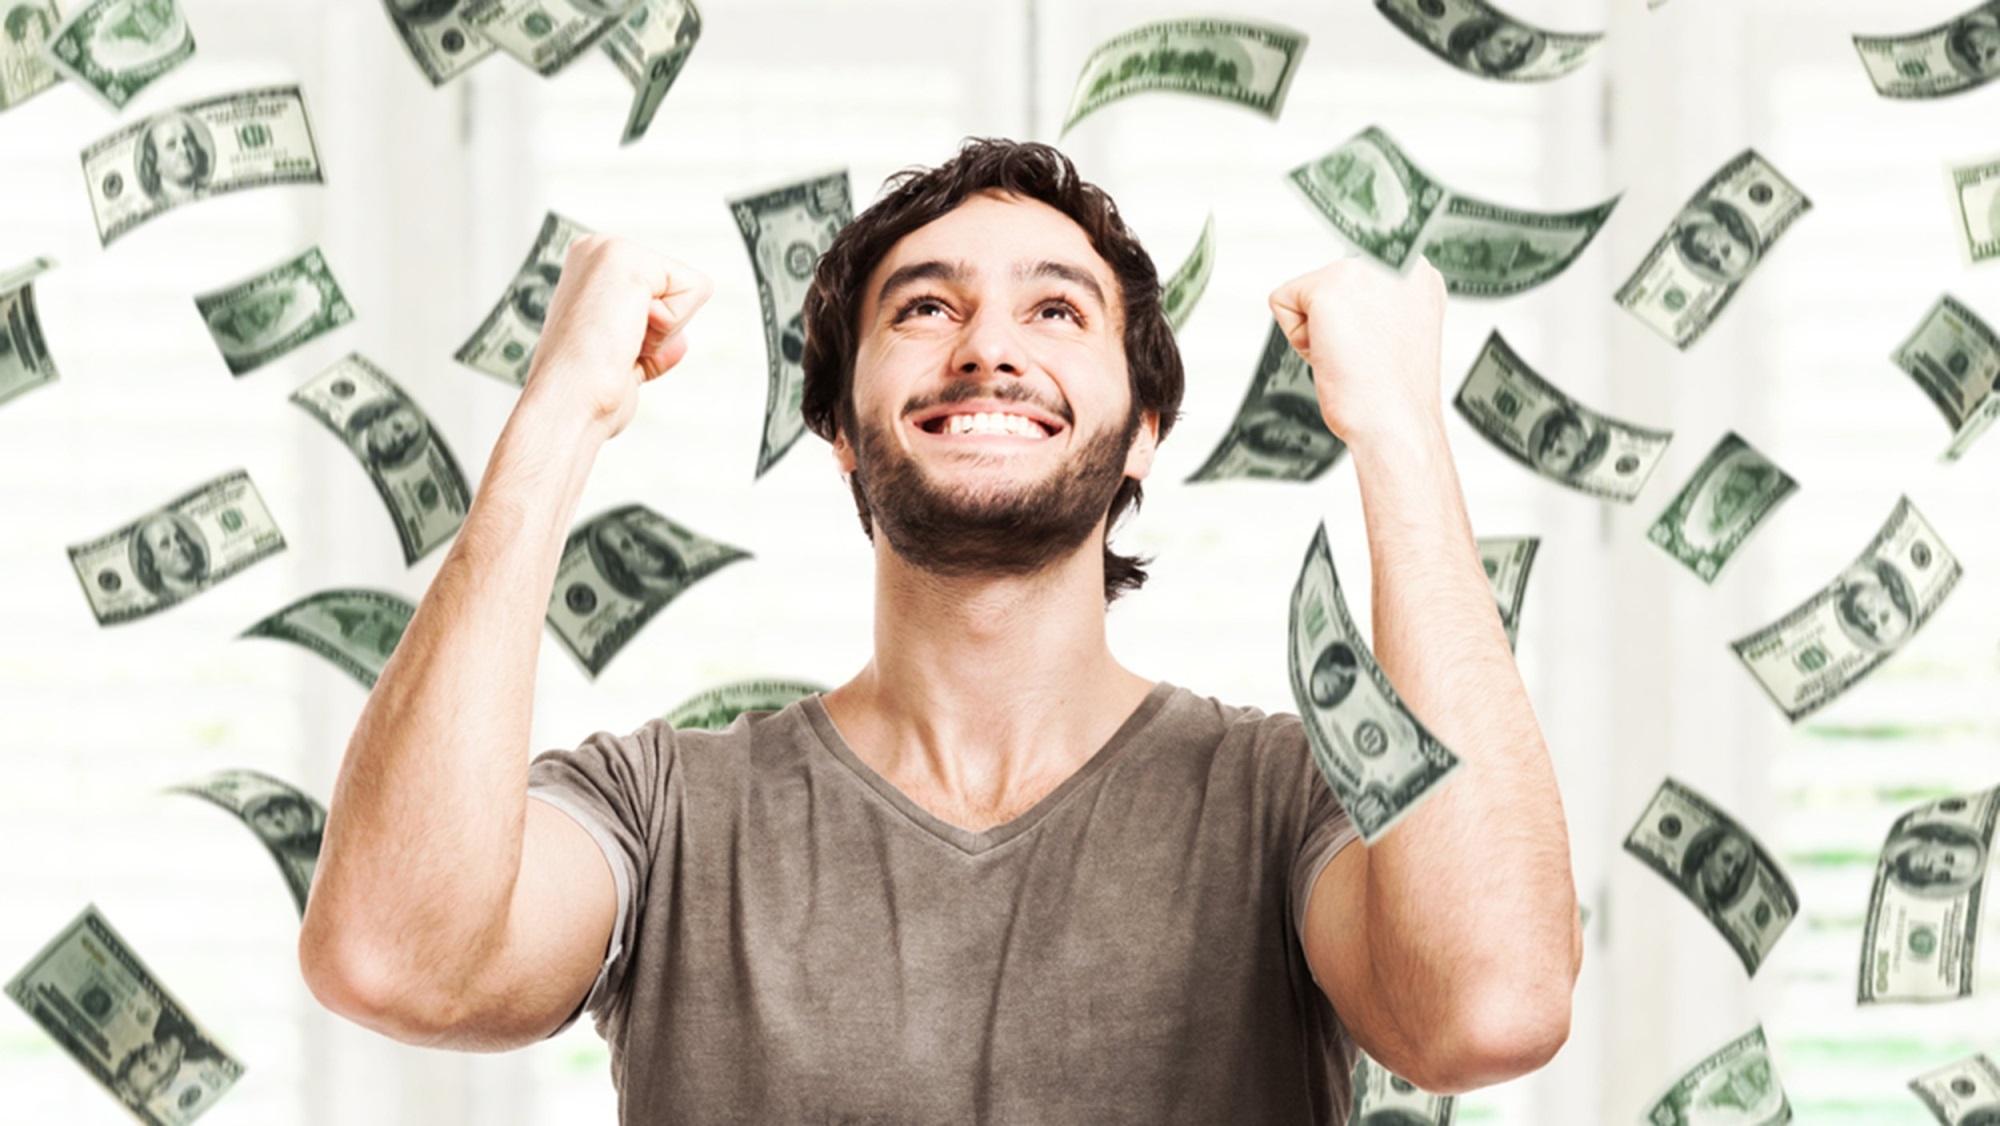 3 tuyệt chiêu kiếm tiền được cho là đỉnh cao bí kíp của người Do Thái, hơn 2000 năm sau vẫn giá trị - Hình 1